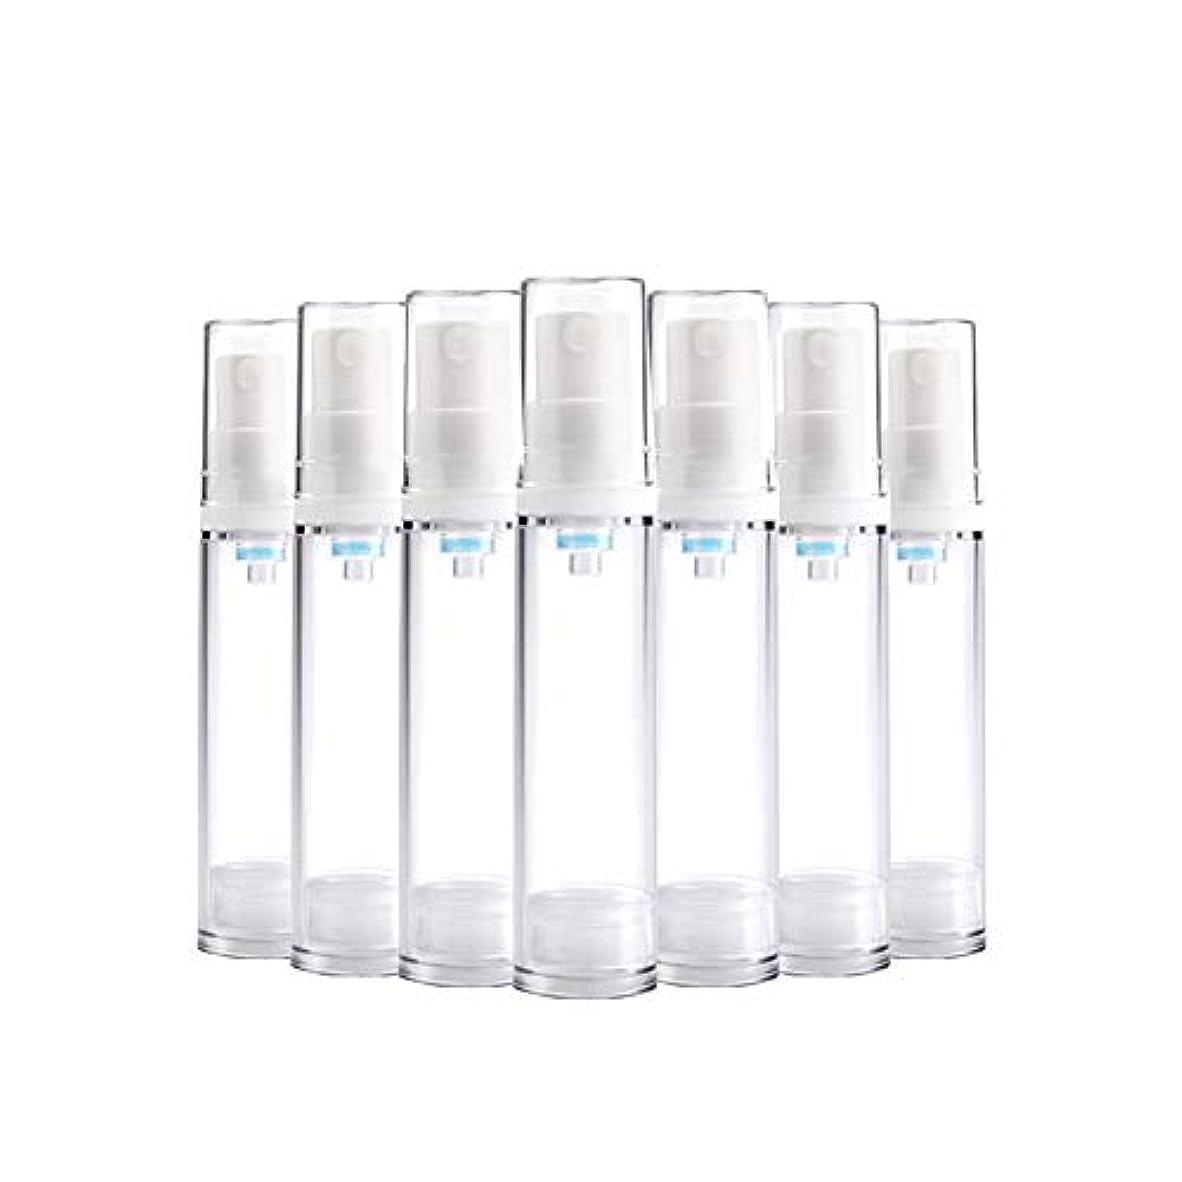 結果としてアルカトラズ島に6 PCS Aspireトランスペアレントプラスチックエアロゾルスプレーボトルエアレスポンプスプレーボトル 詰め替え可能なファインミストエアレススプレー(15ml 30ml) - 30 ml